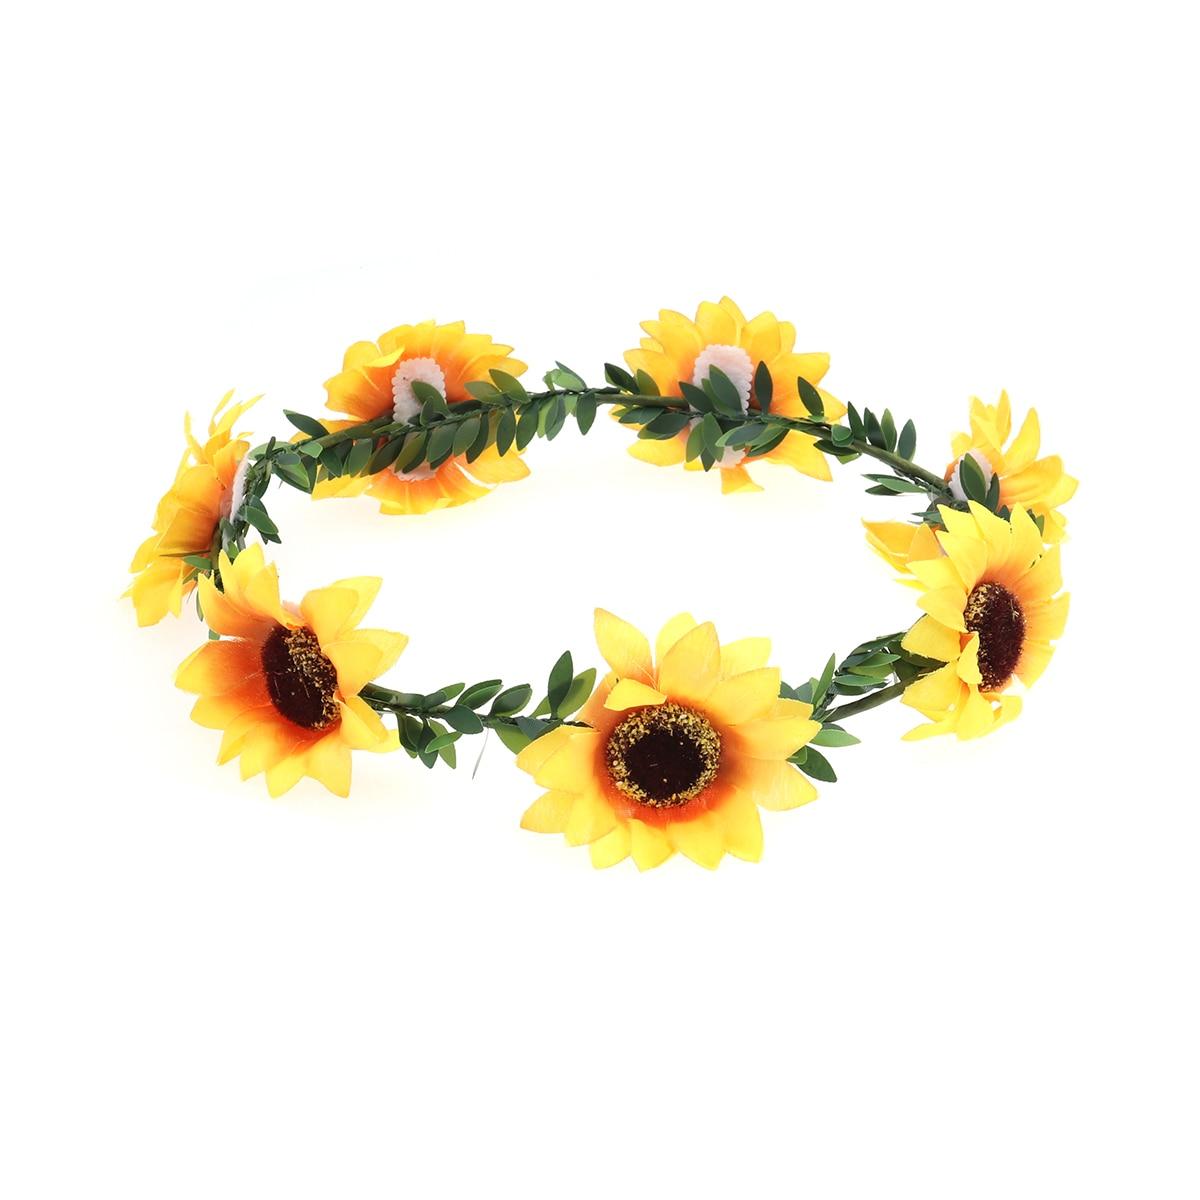 Floral Fall Sunflower Crown Head Band Hair Wreath Bridal Headpiece Festivals HairBand